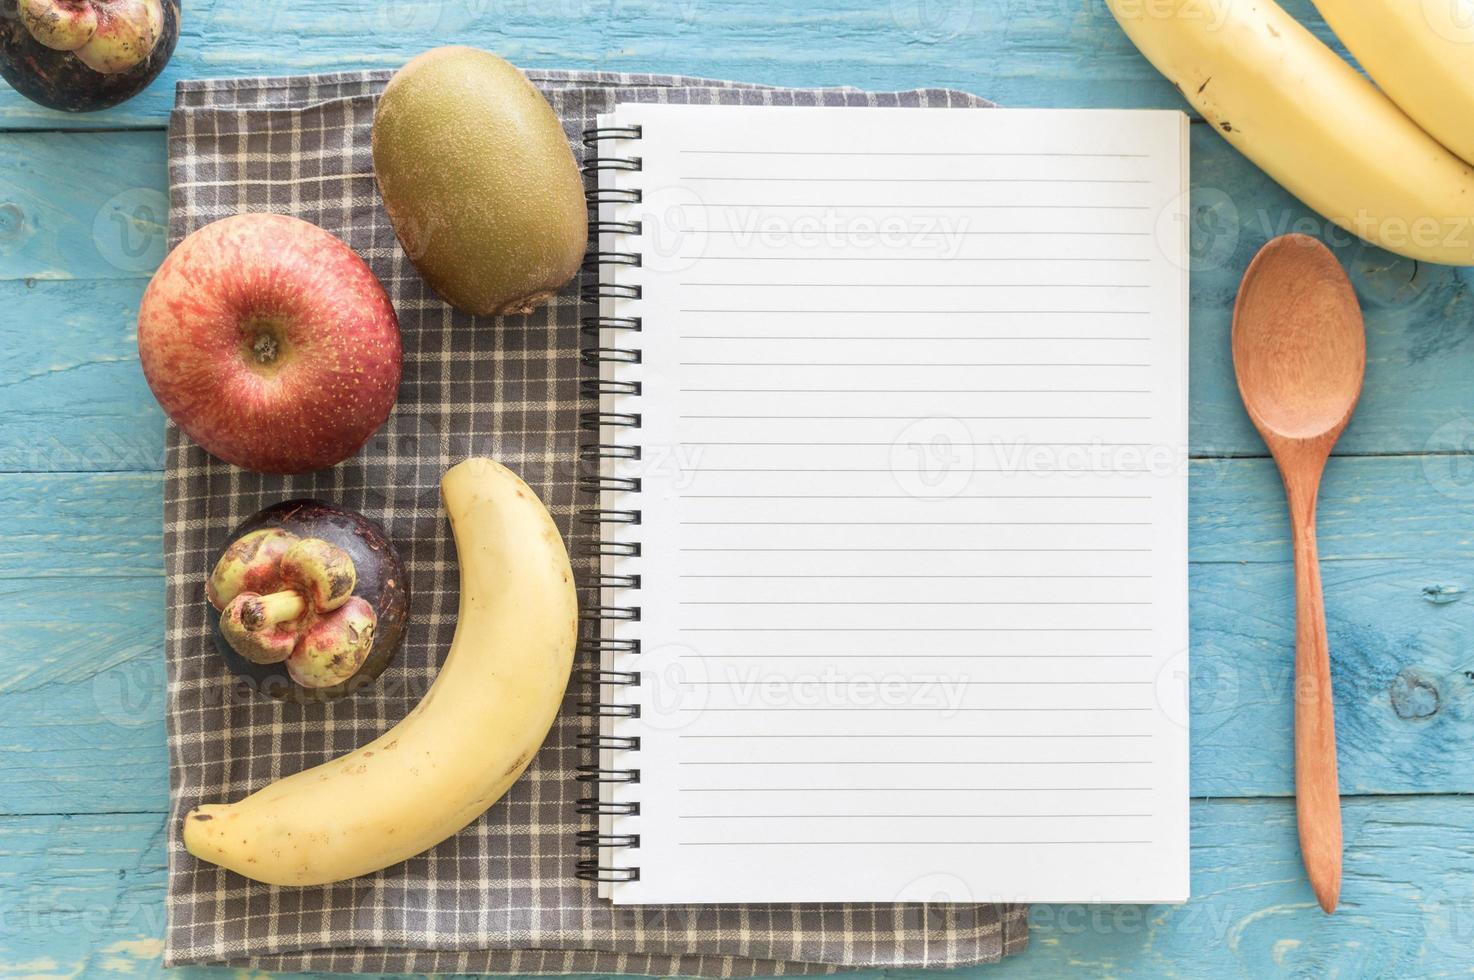 ricettario con frutti su fondo in legno foto